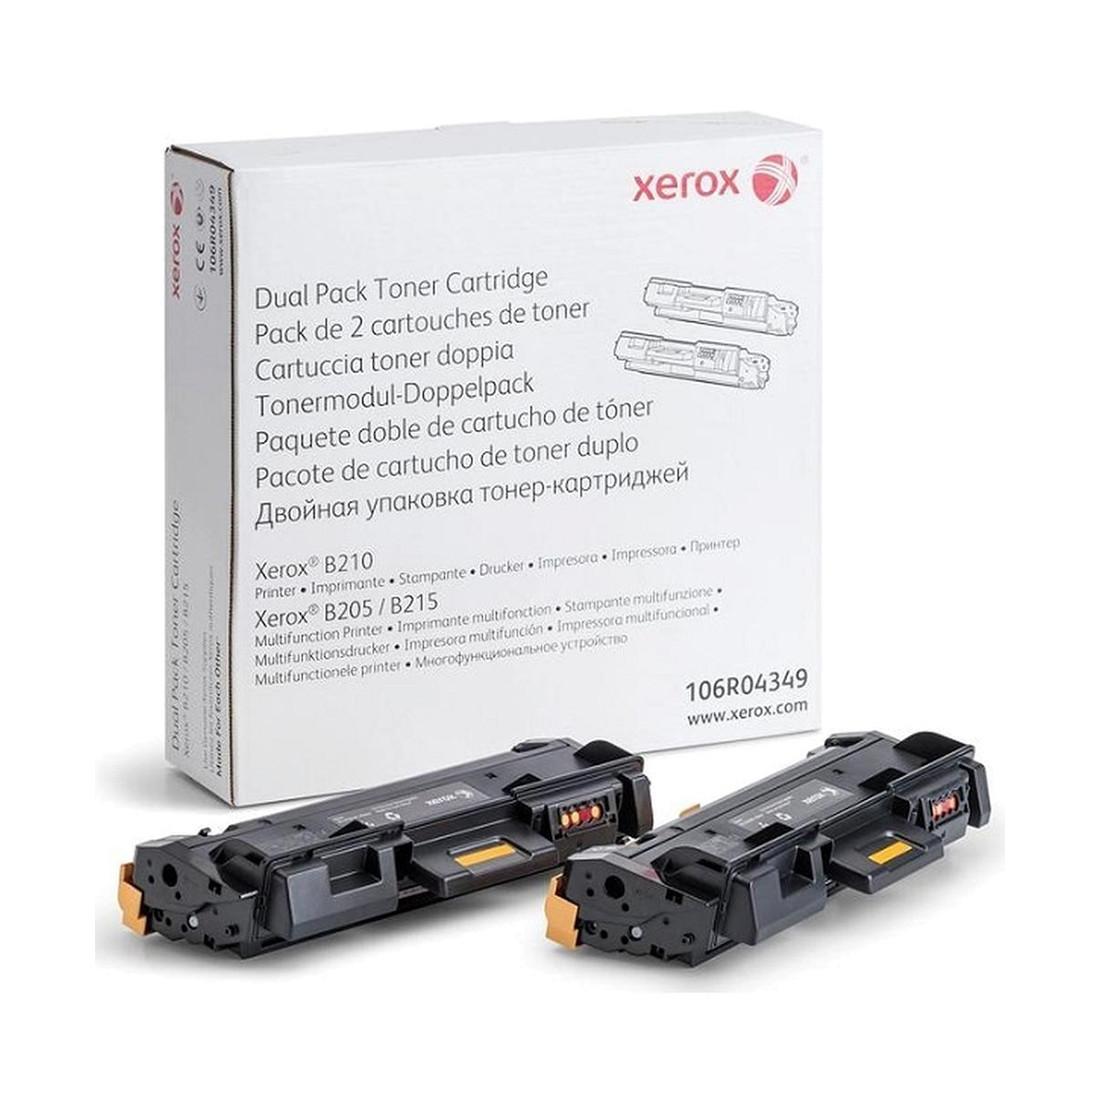 Тонер-картридж (двойная упаковка) Xerox 106R04349